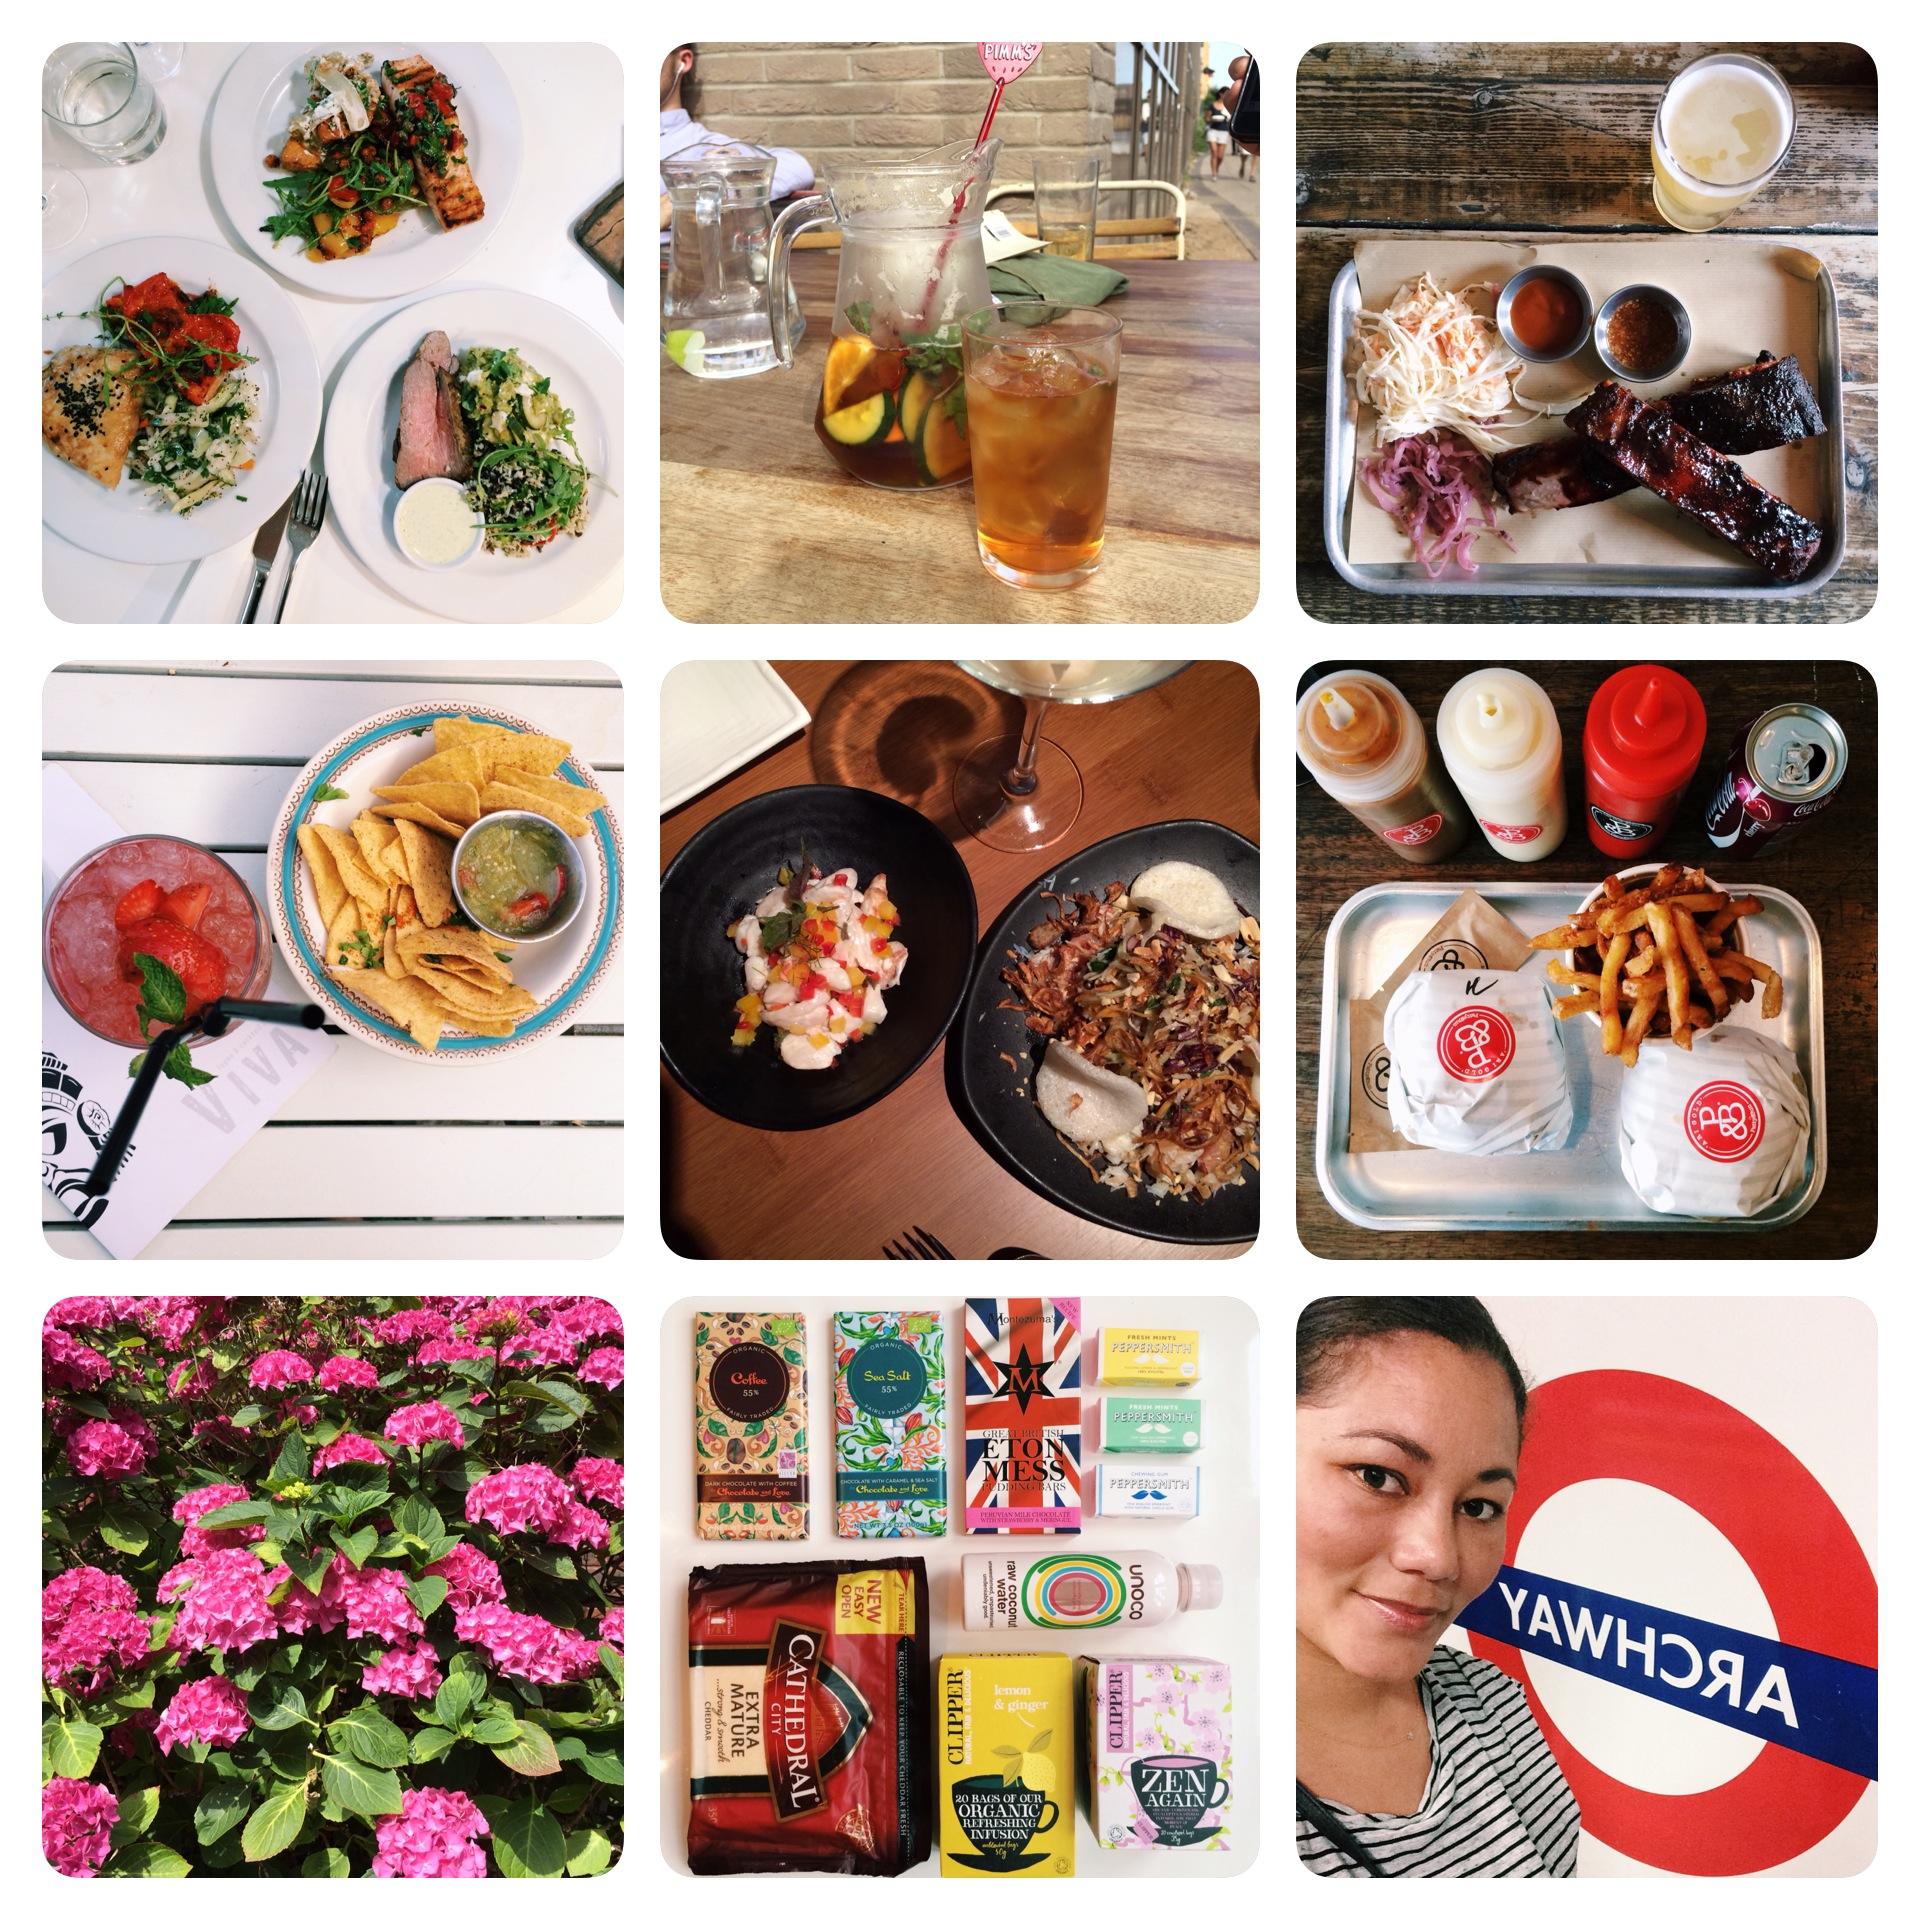 IMG 9127 - London, my foodie town